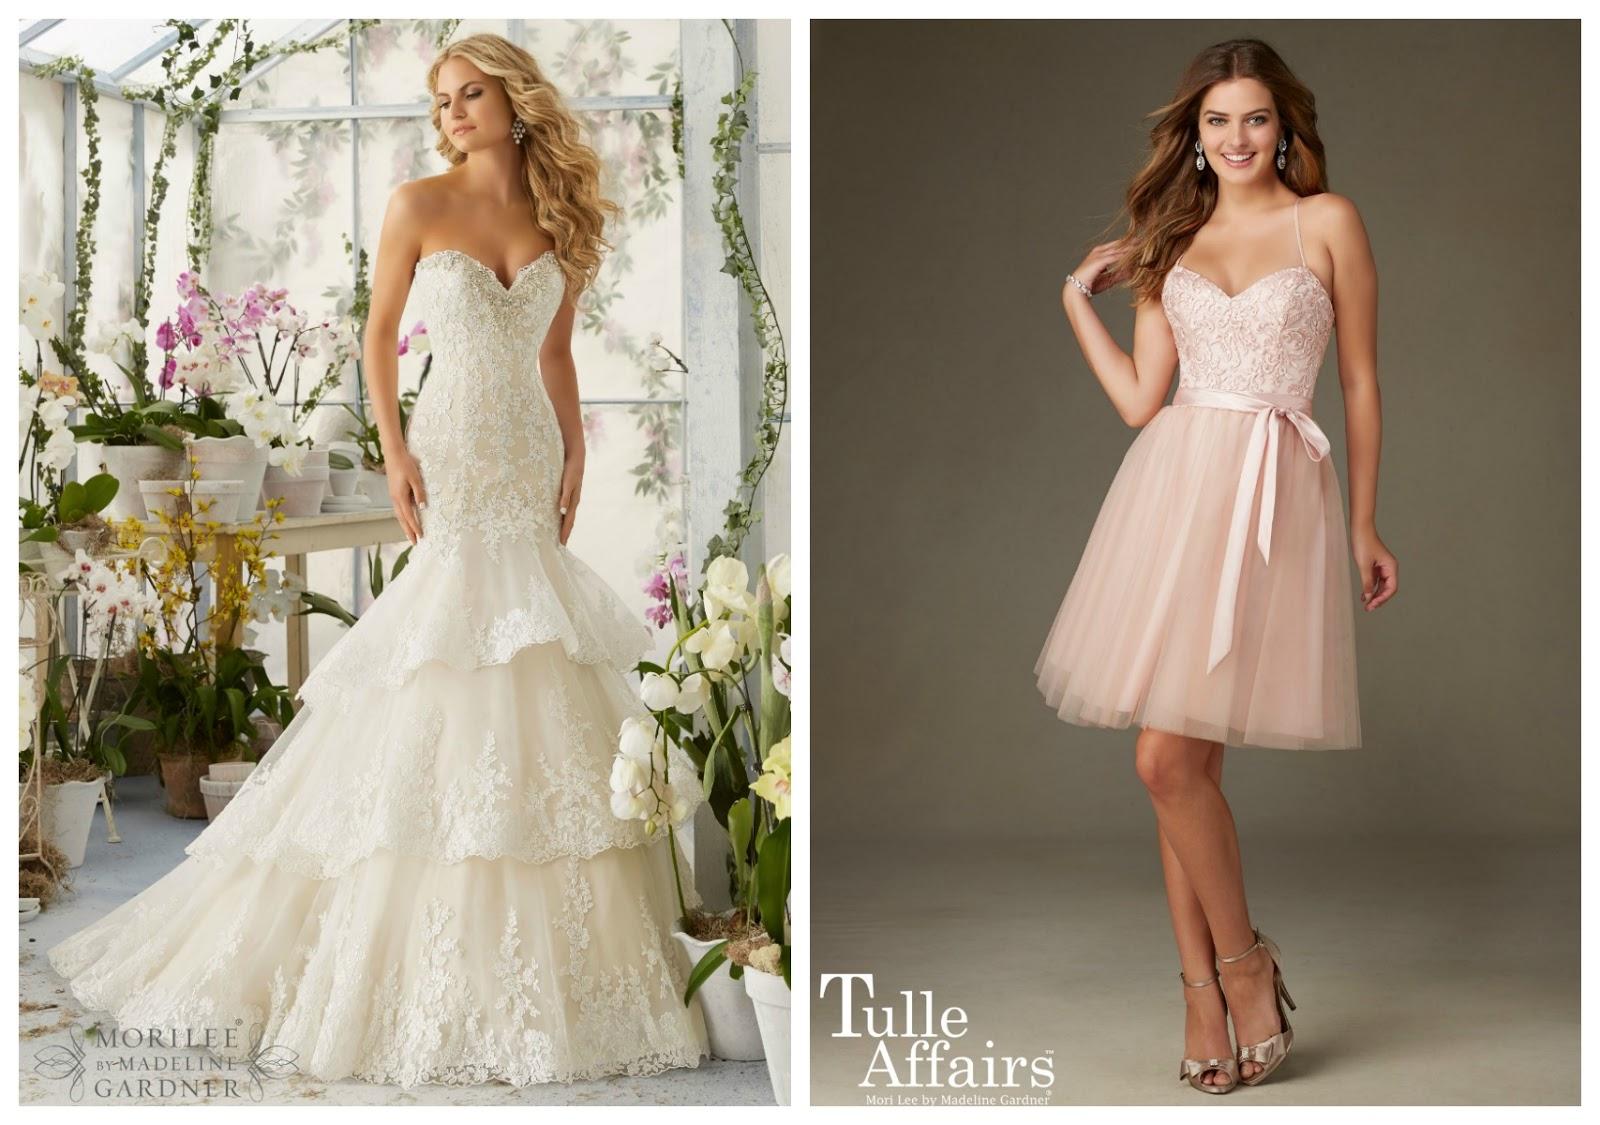 Brides of america miami miami fl wedding dress for Wedding dresses miami florida